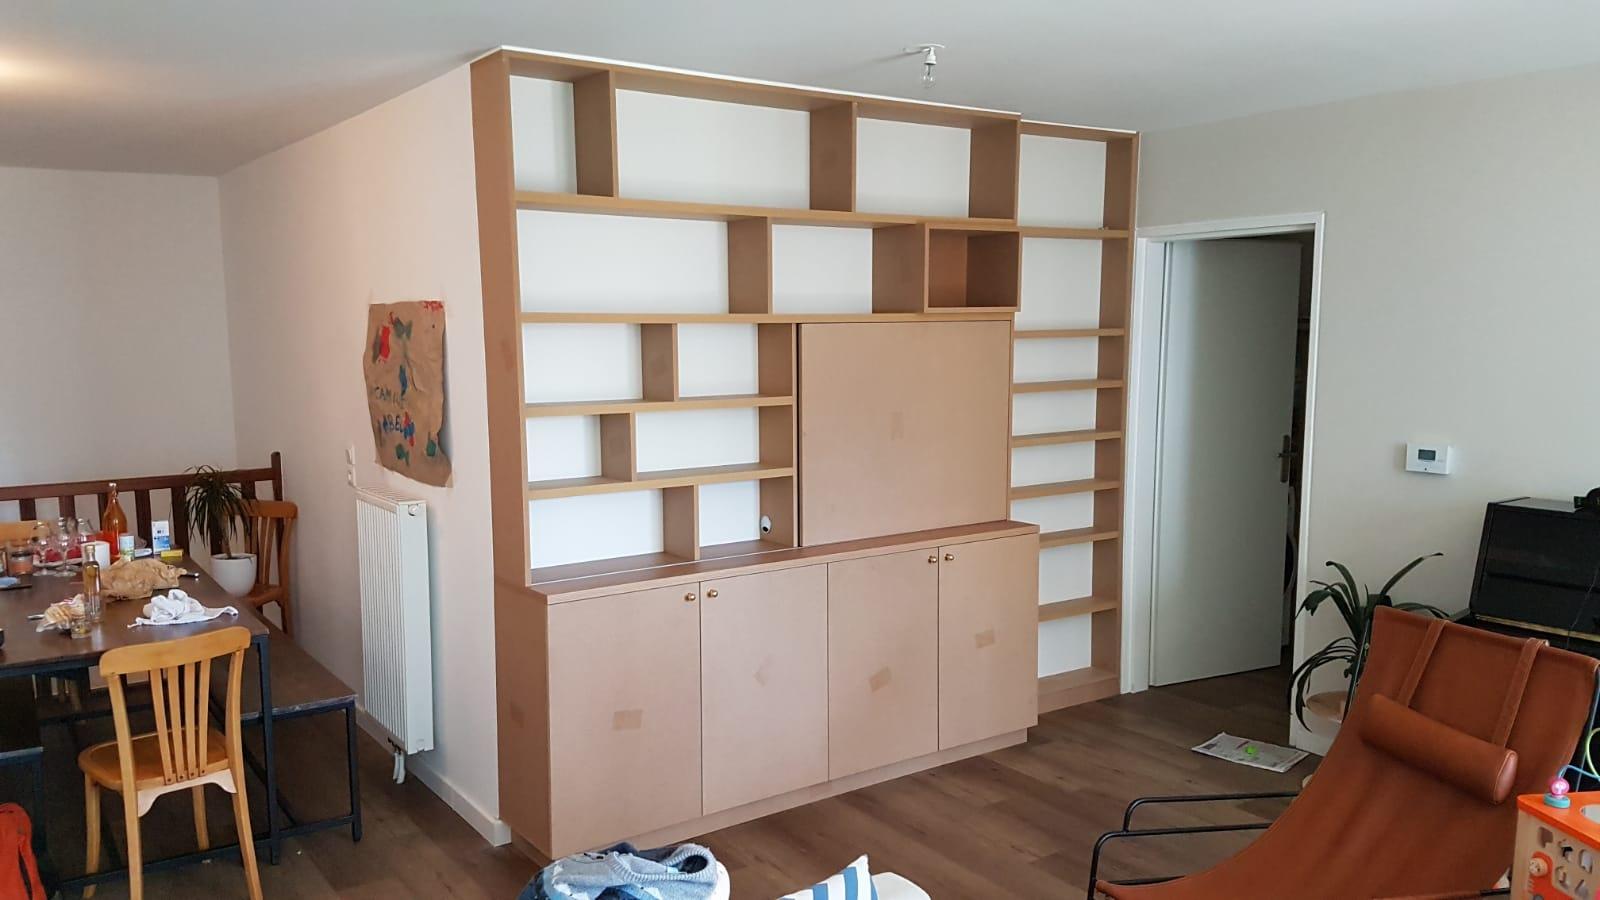 meuble hifi avec panneau coulissant